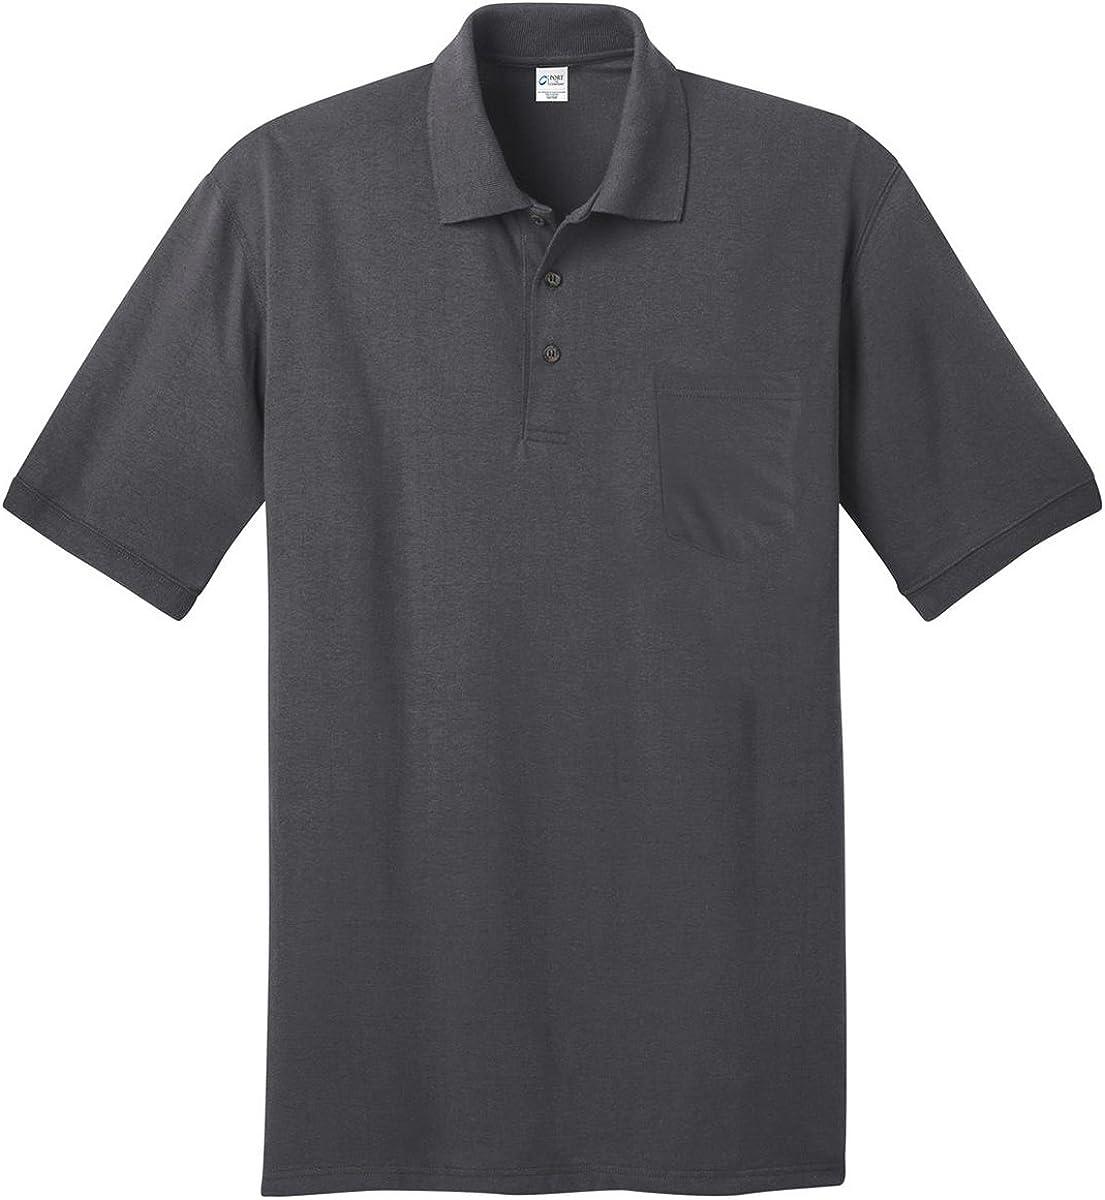 Port & Company 5.5-Ounce Jersey Knit Pocket Polo Shirt